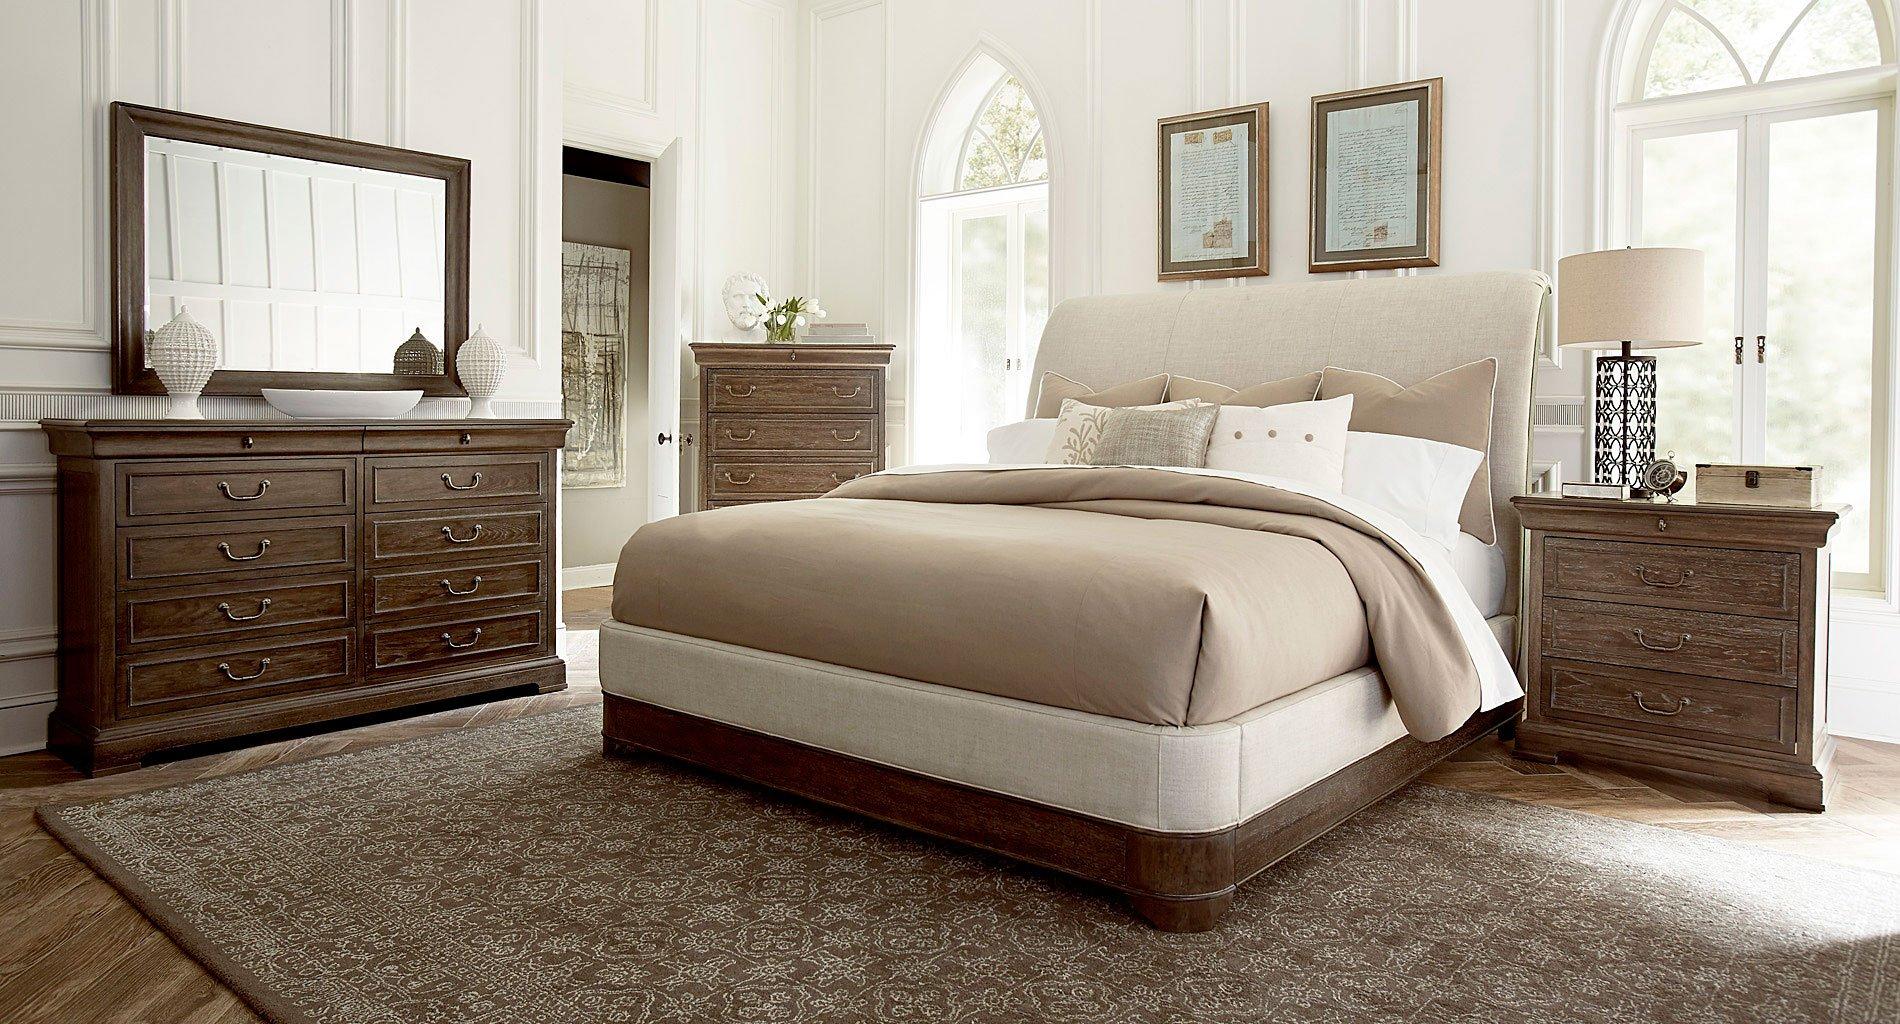 Saint germain upholstered sleigh bedroom set art furniture furniture cart for Upholstered sleigh bedroom set